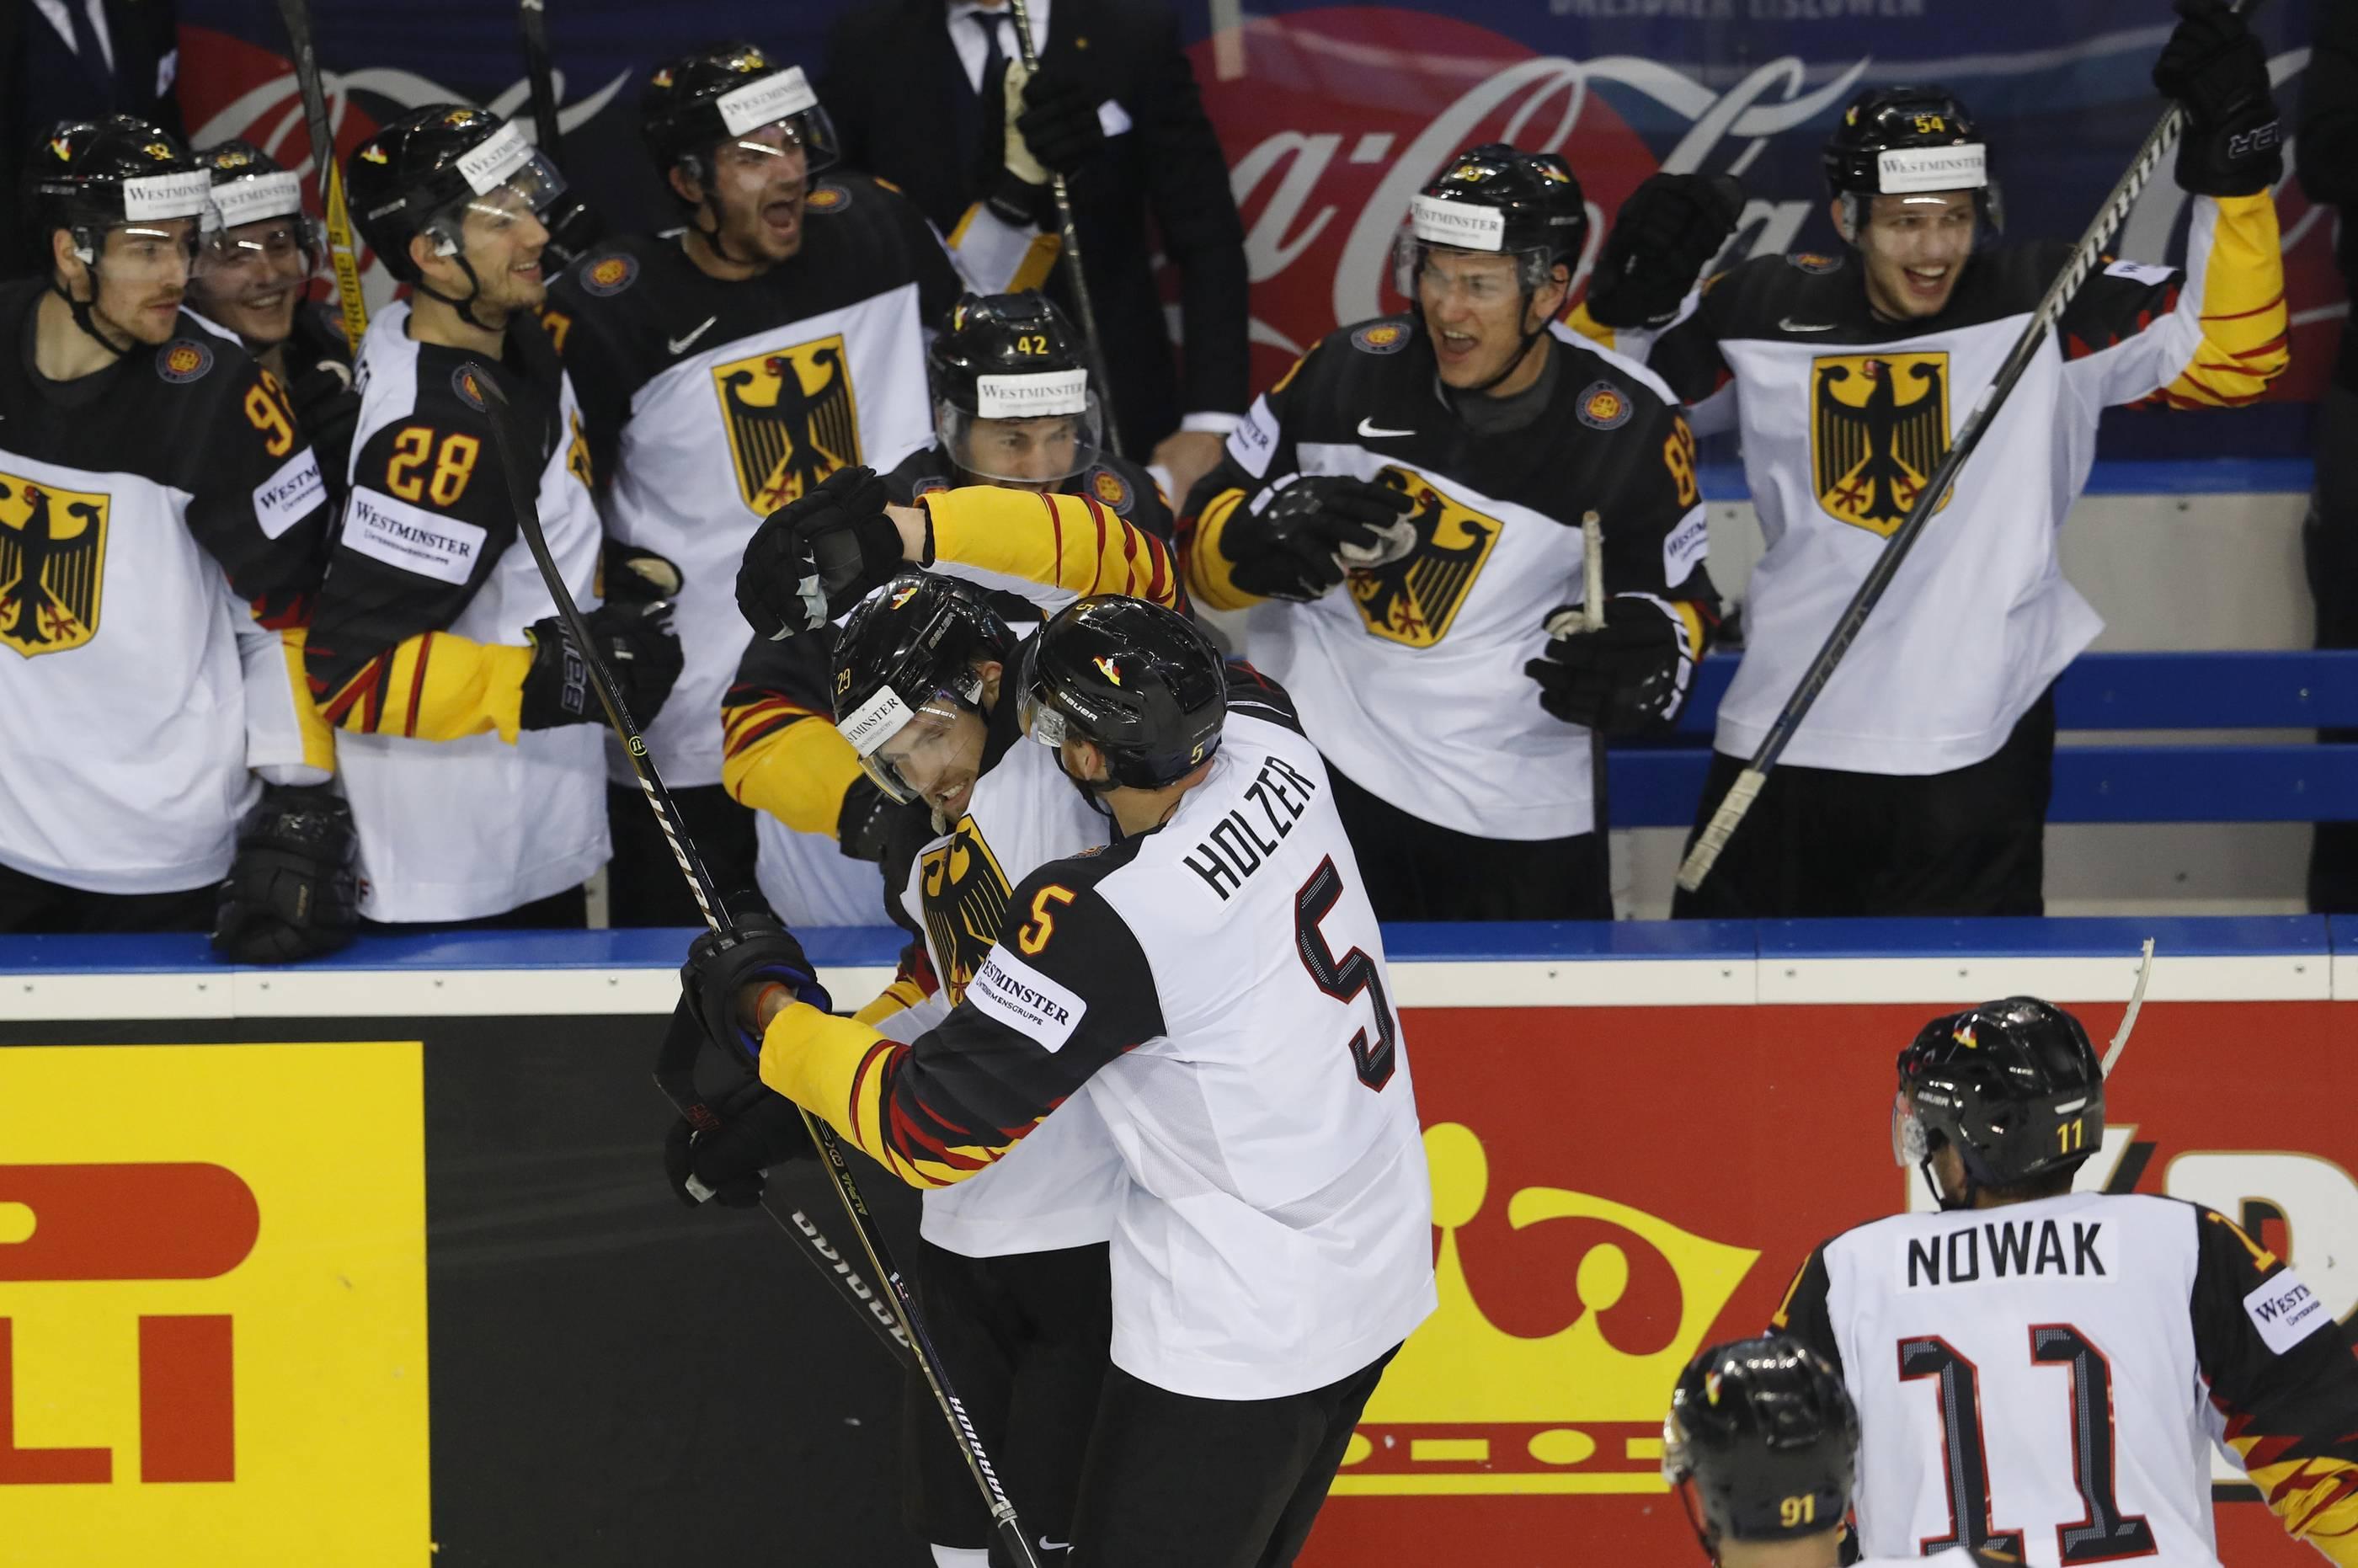 Eishockey Wm 2019 Deutschland Slowakei Die Bilder Des Spiels